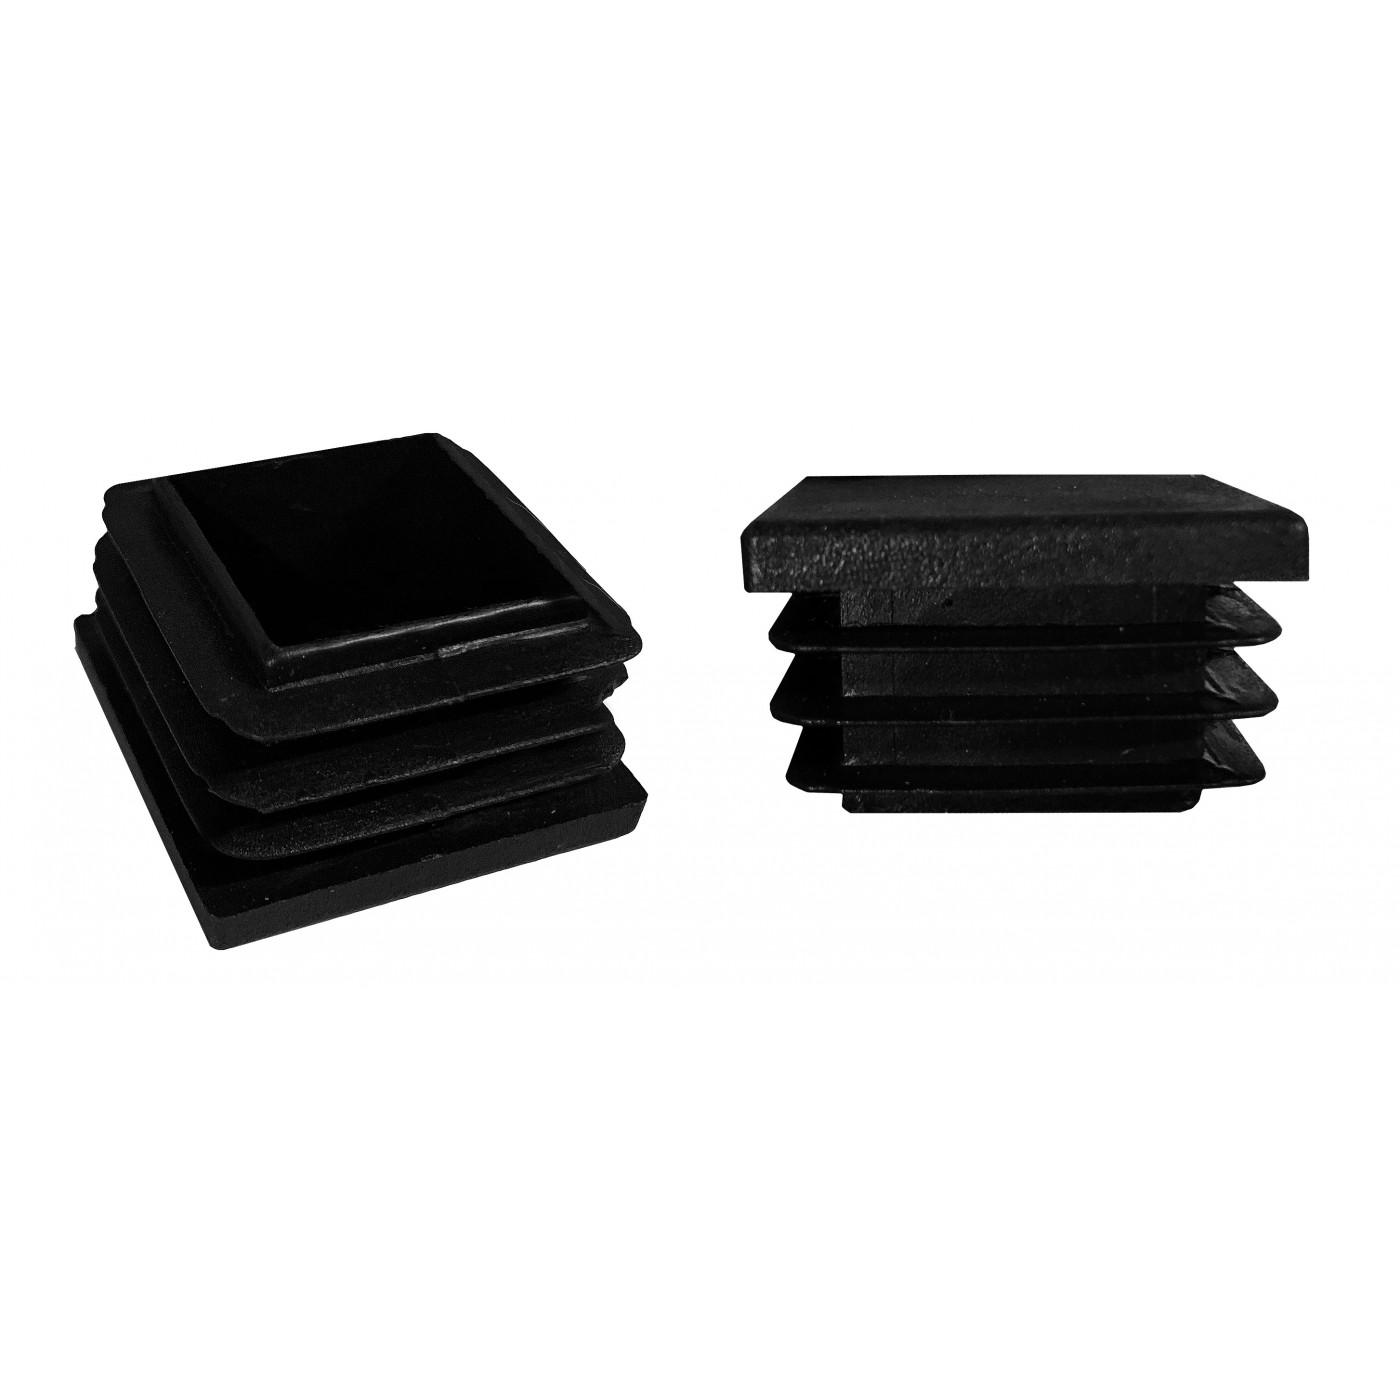 Set van 24 stoelpootdoppen (F37/E43/D45, zwart)